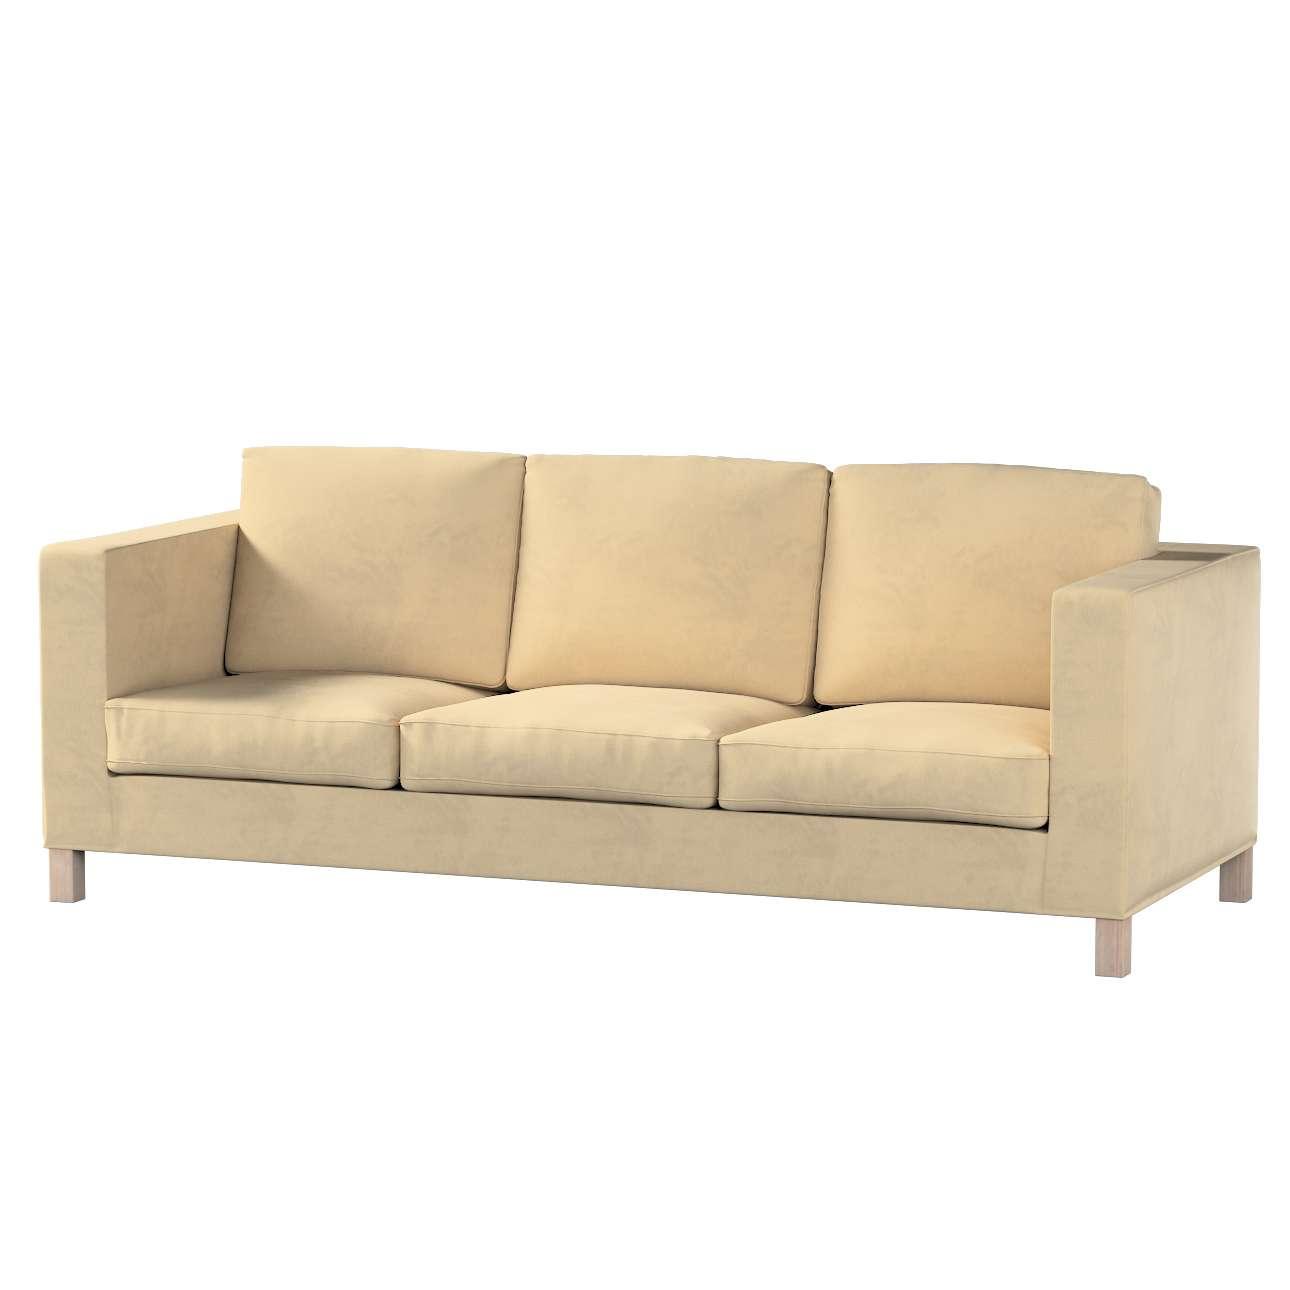 Karlanda 3-Sitzer Sofabezug nicht ausklappbar kurz von der Kollektion Living, Stoff: 160-82